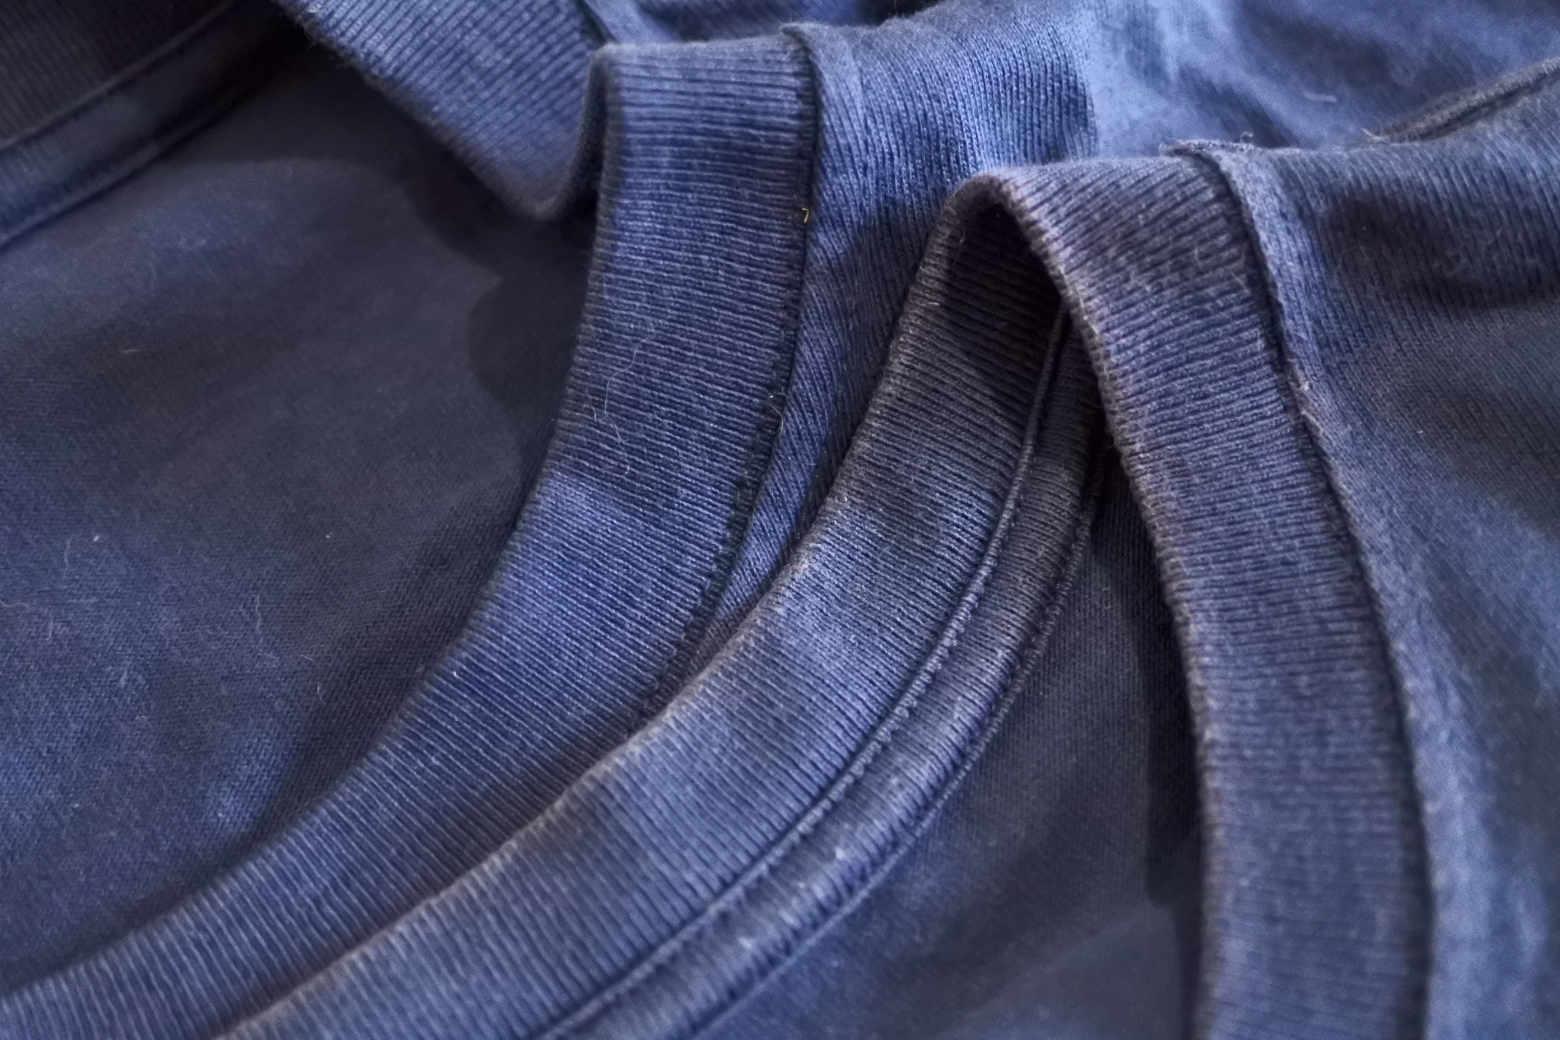 ペアスキンコットンTシャツの色落ち具合